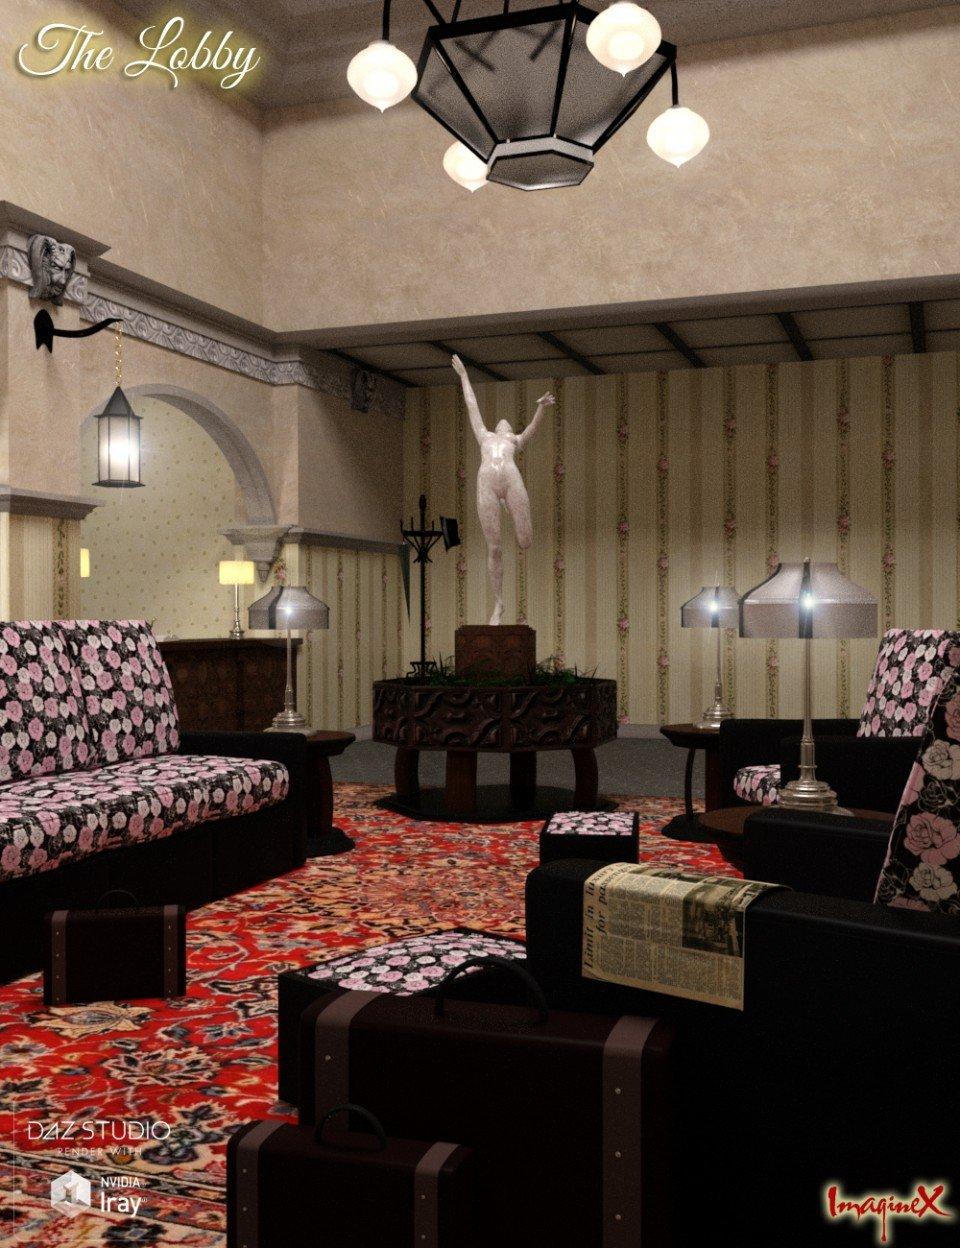 The Lobby_DAZ3D下载站